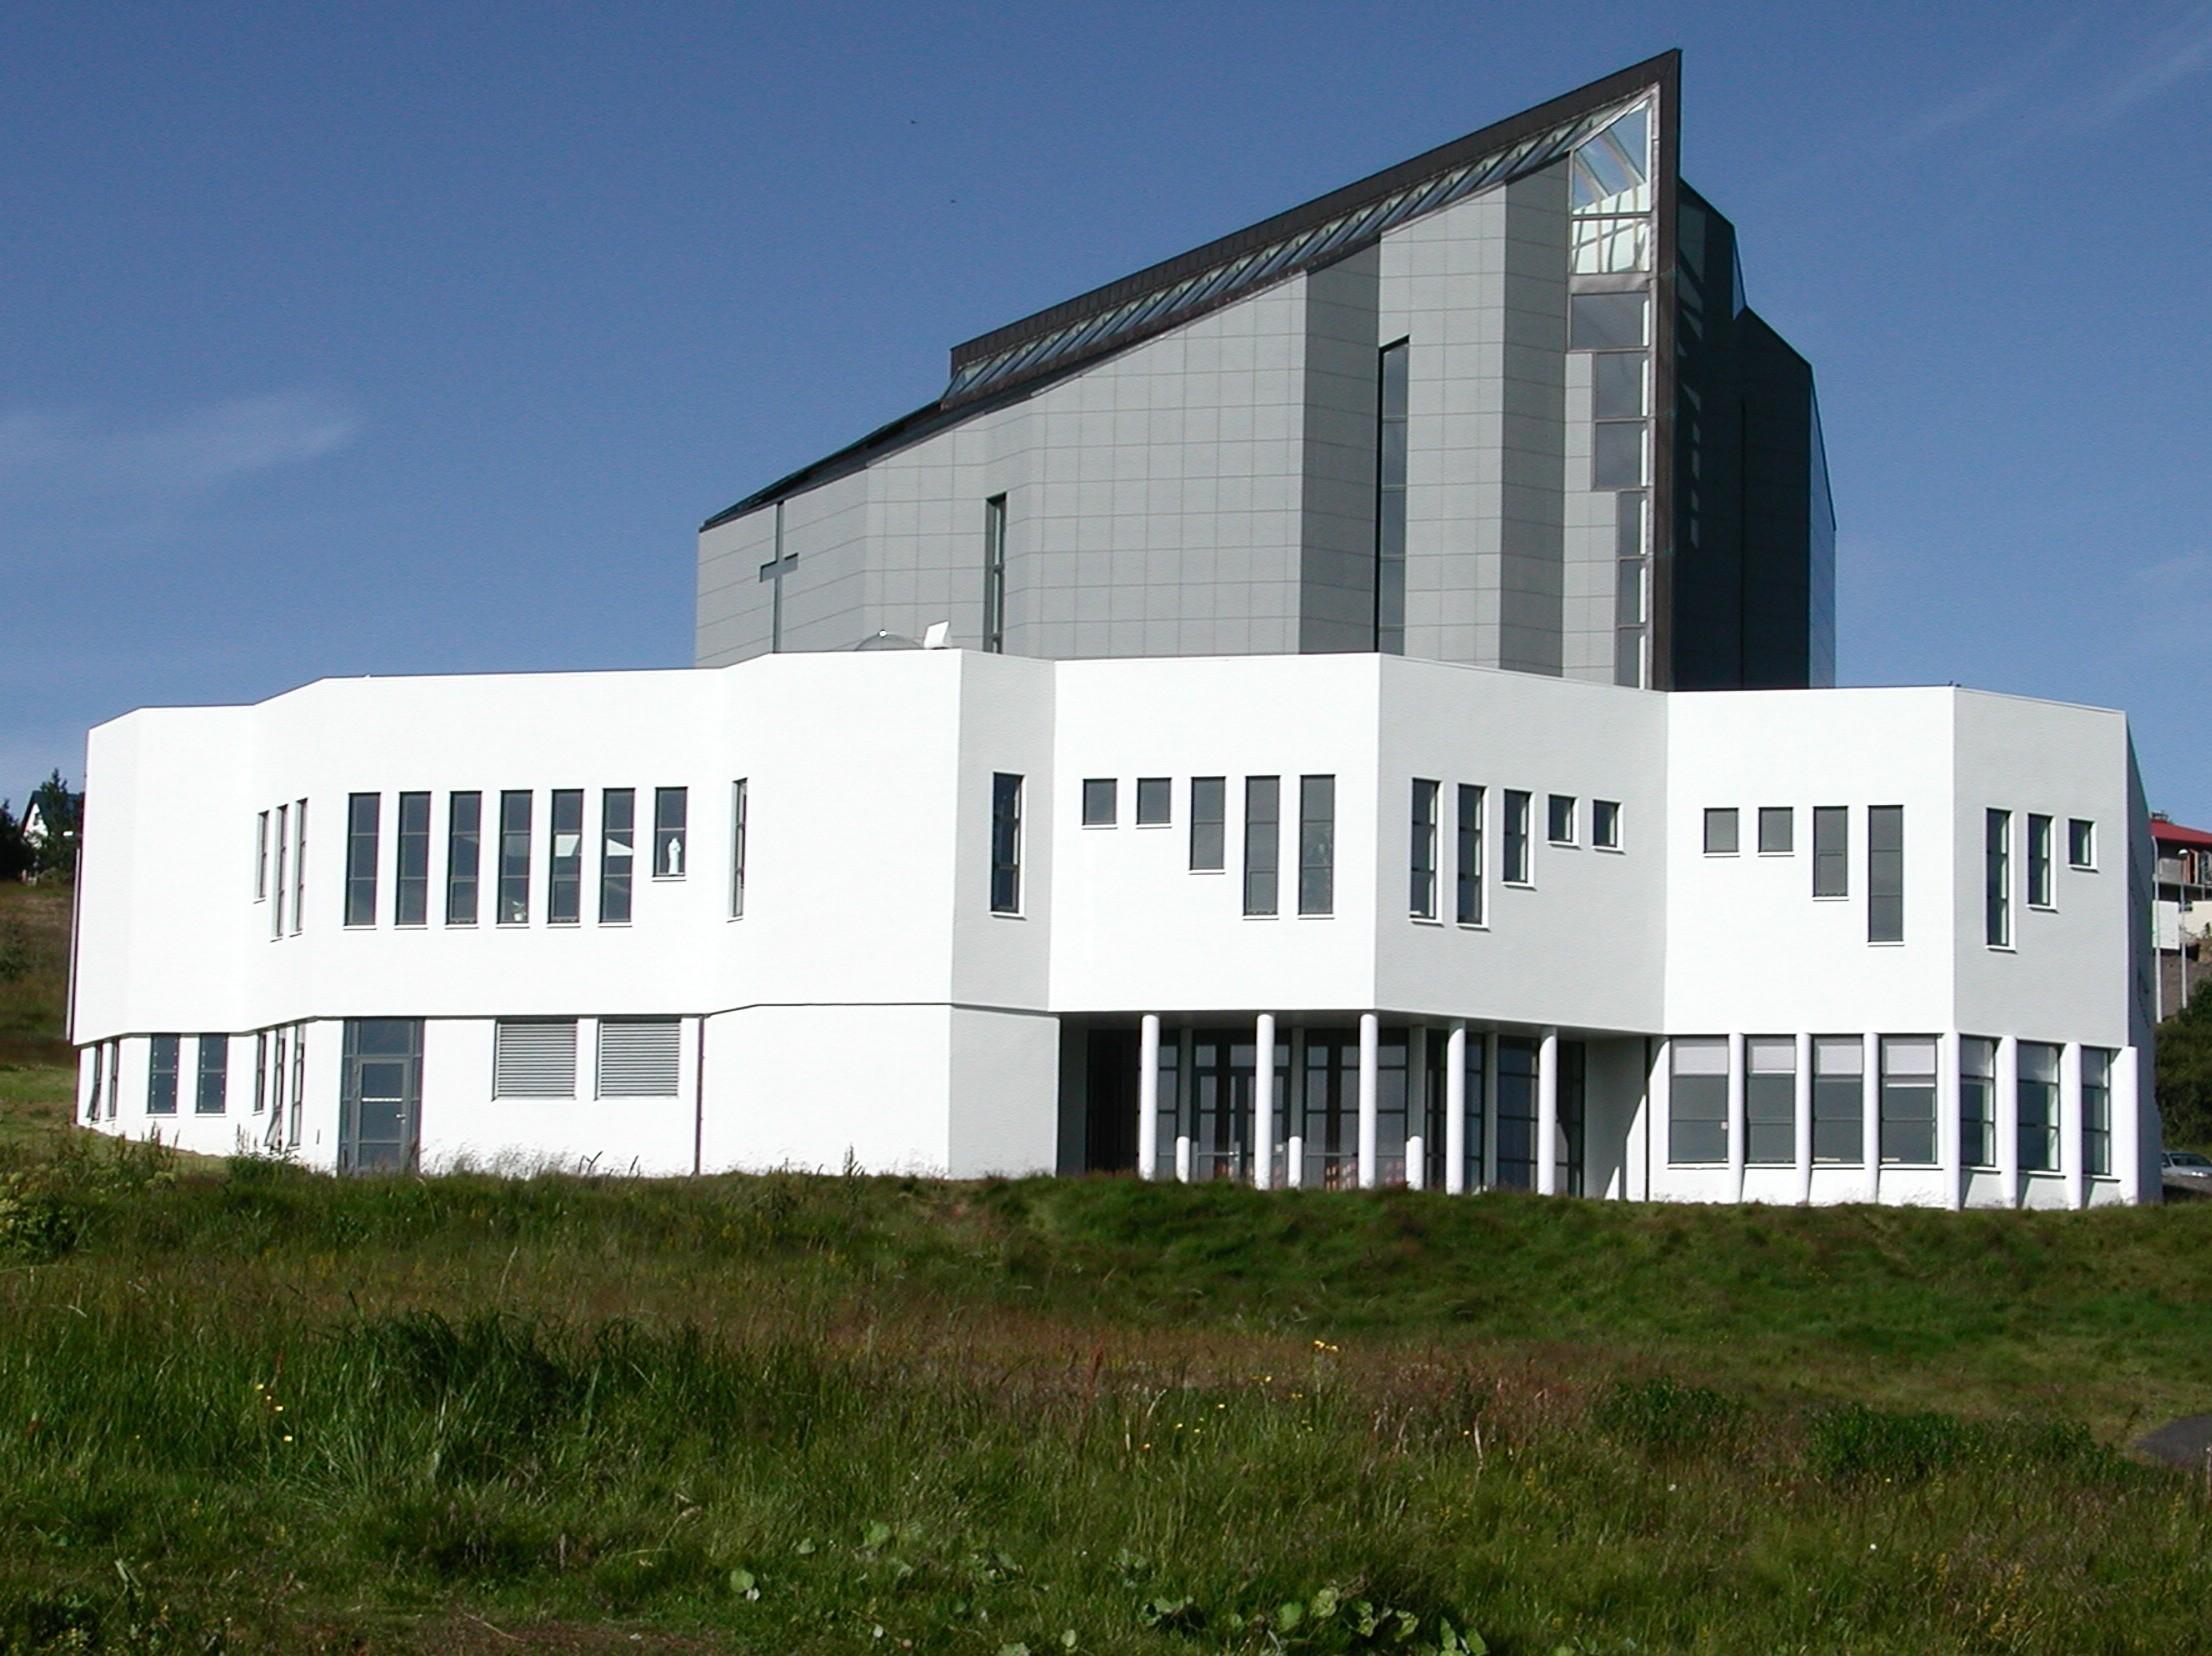 Aðalsafnaðarfundur Digranesprestakalls 4. júní 2017 klukkan 14